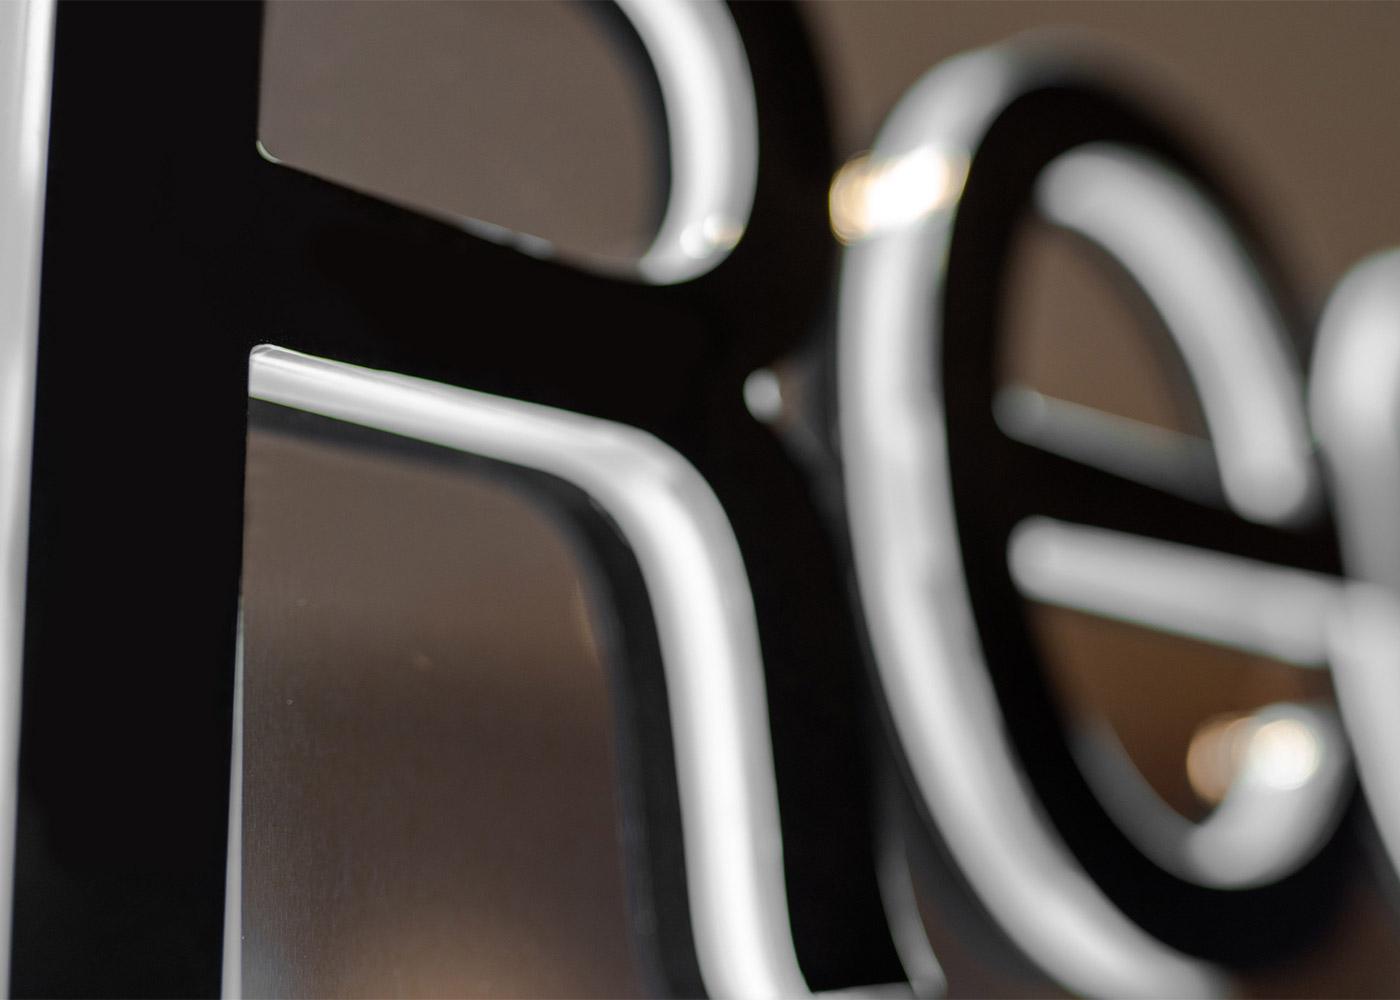 Closeup Regis Backlit Chrome Logo